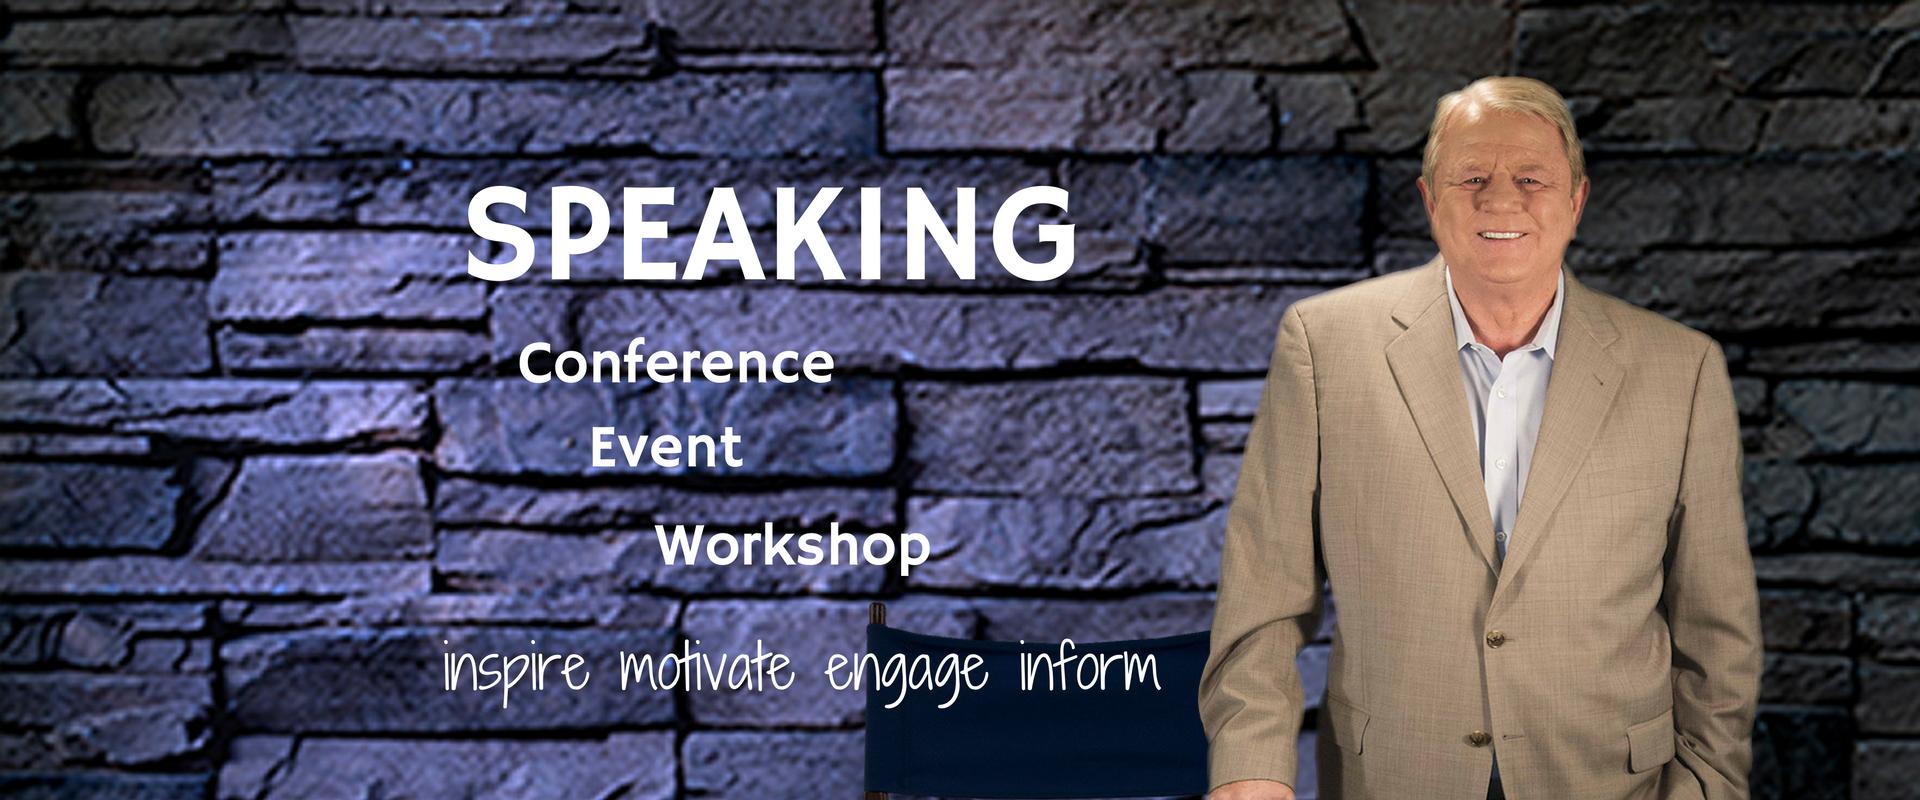 SPEAKING-(3)-(1)